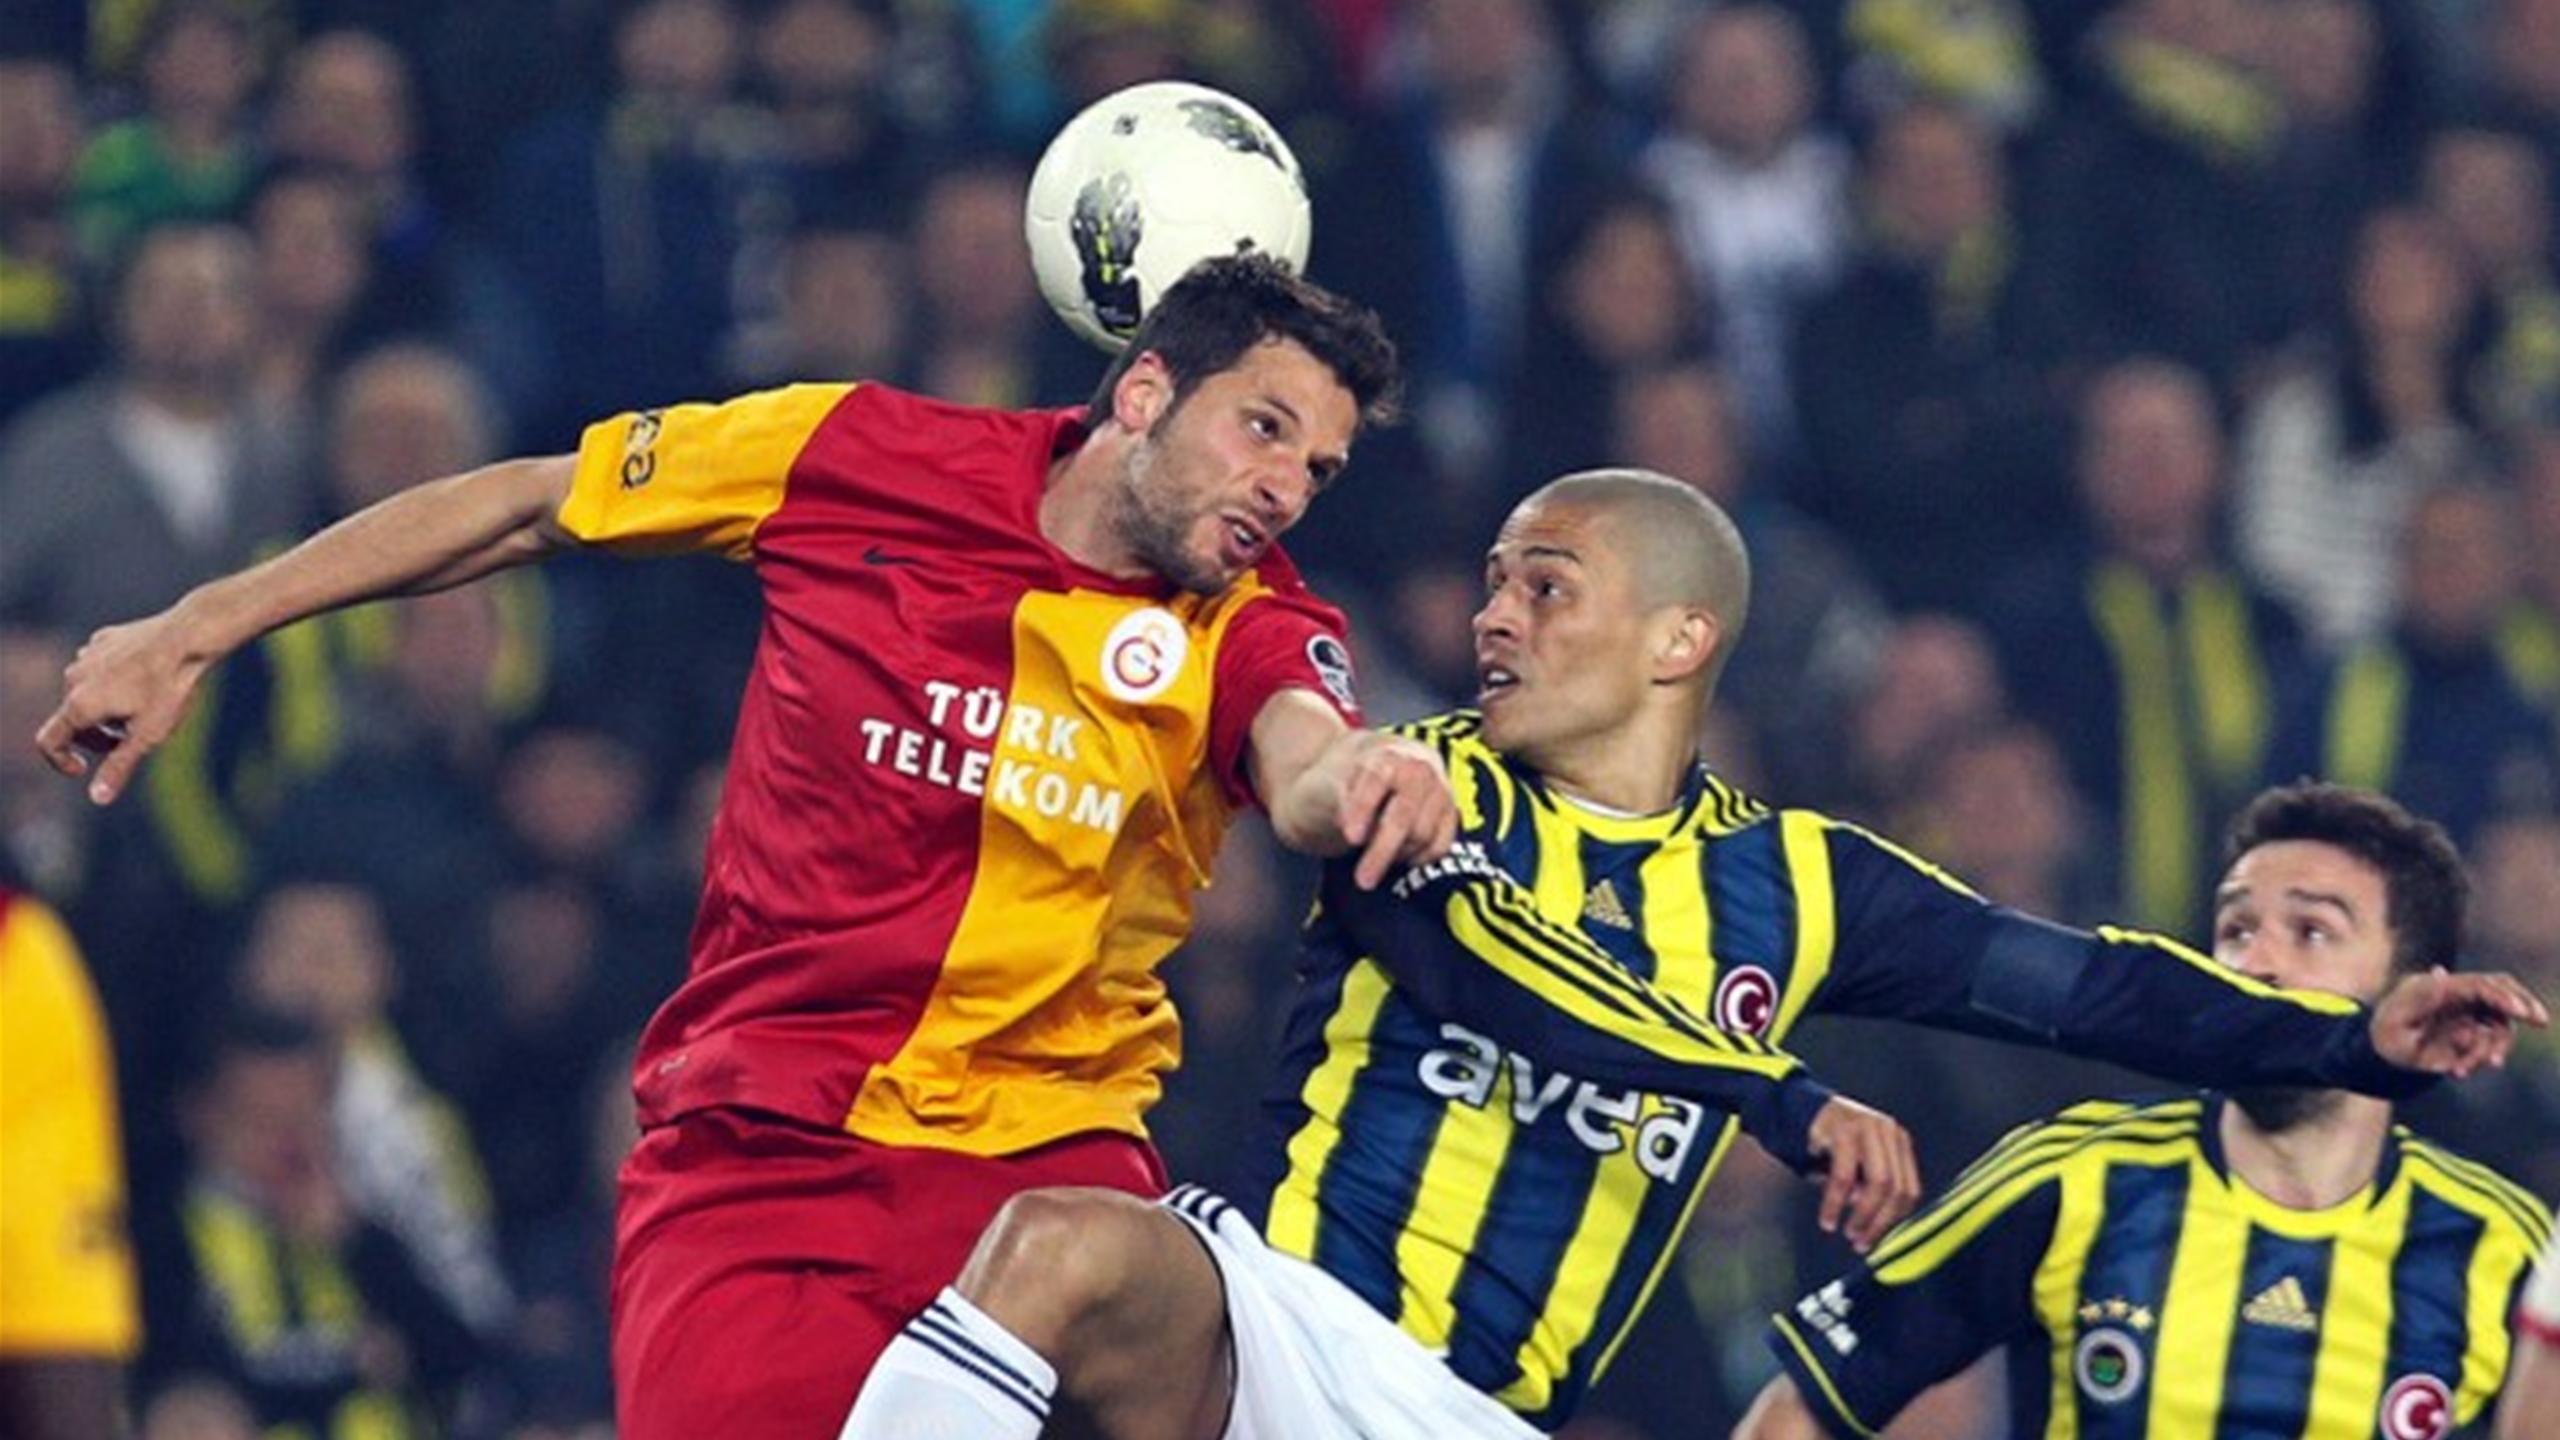 Fenerbahçe'in Kadıköy'de Galatasaray'a Yenilmediği 19 lig maçı 15